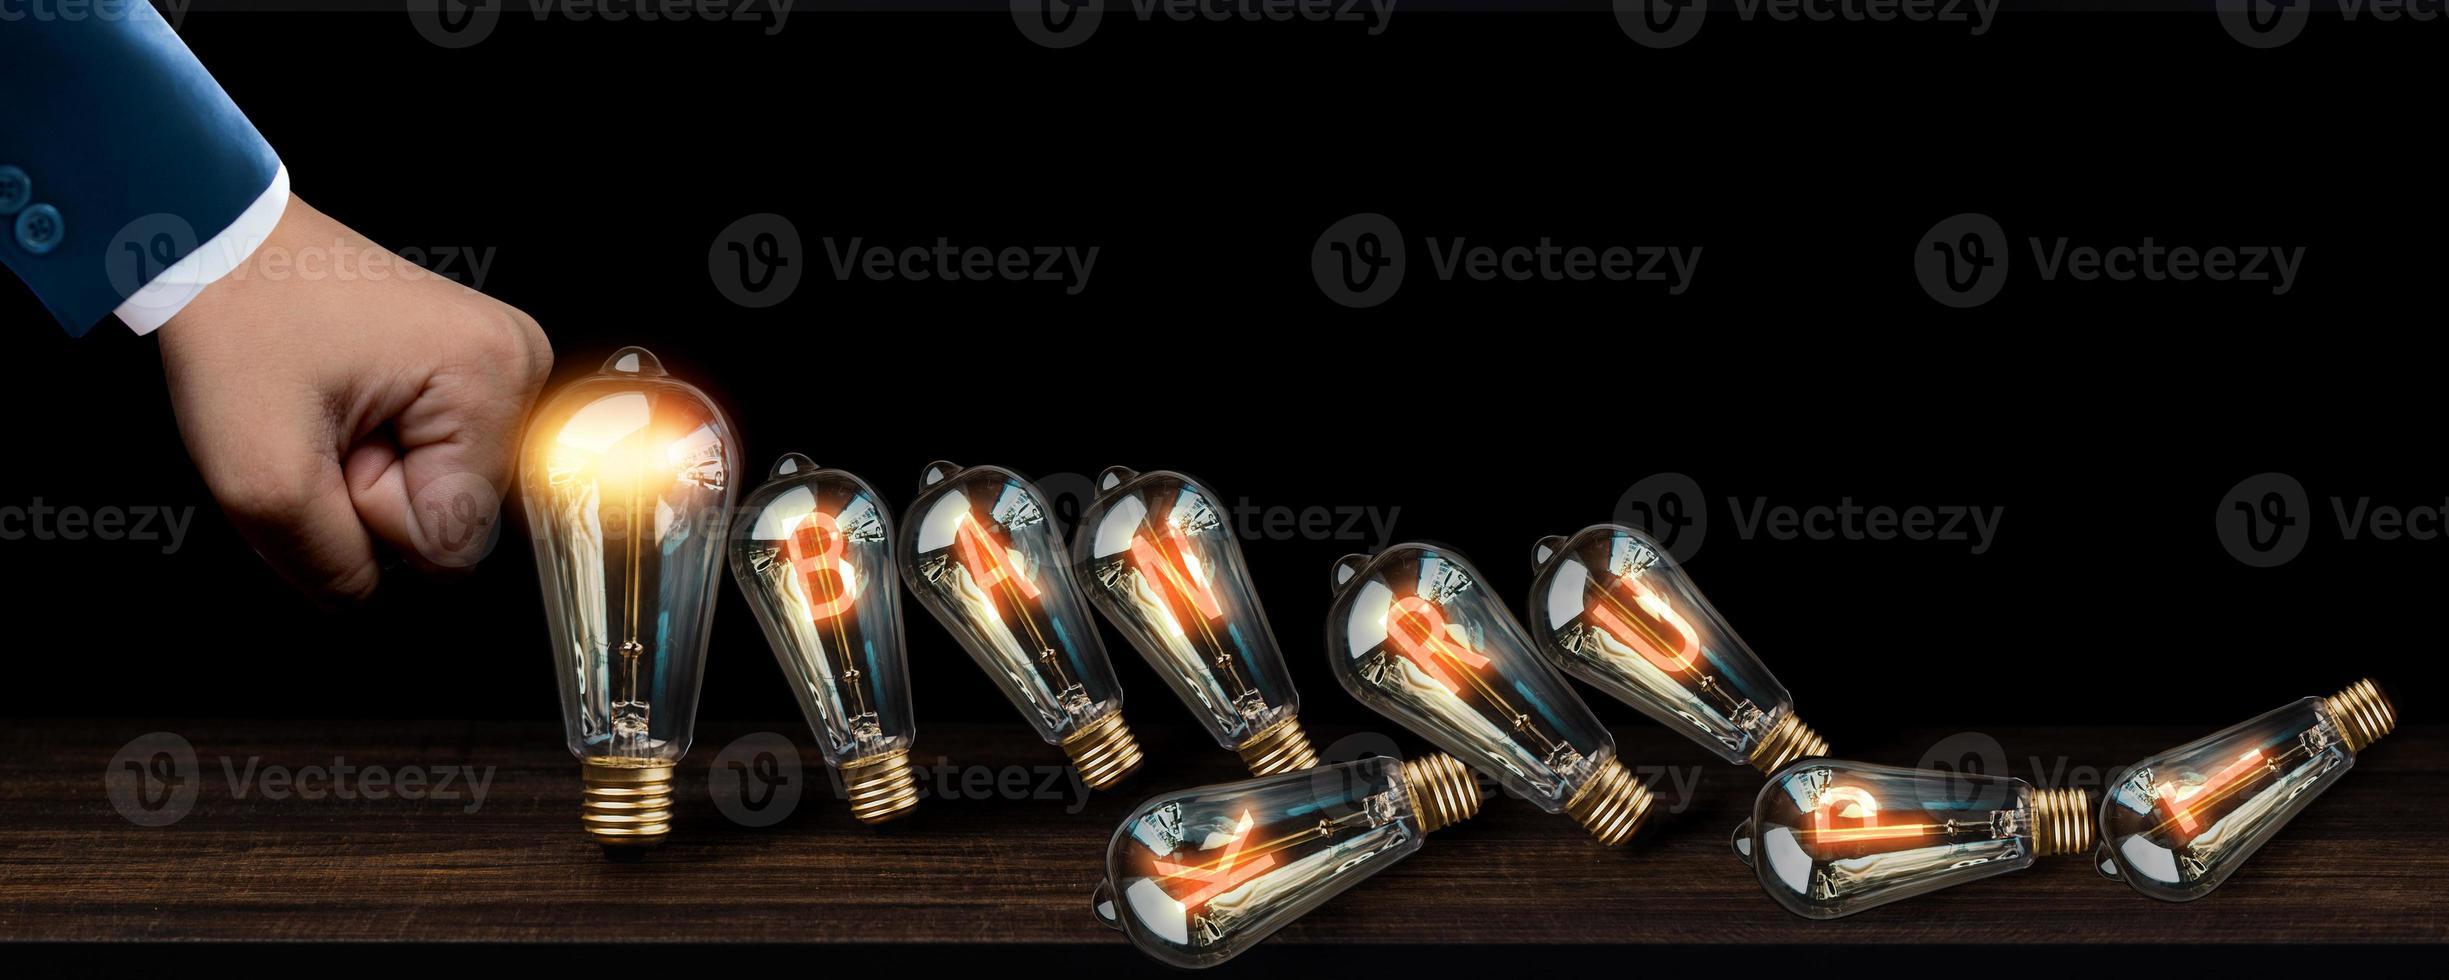 ampoules tombant comme des dominos photo